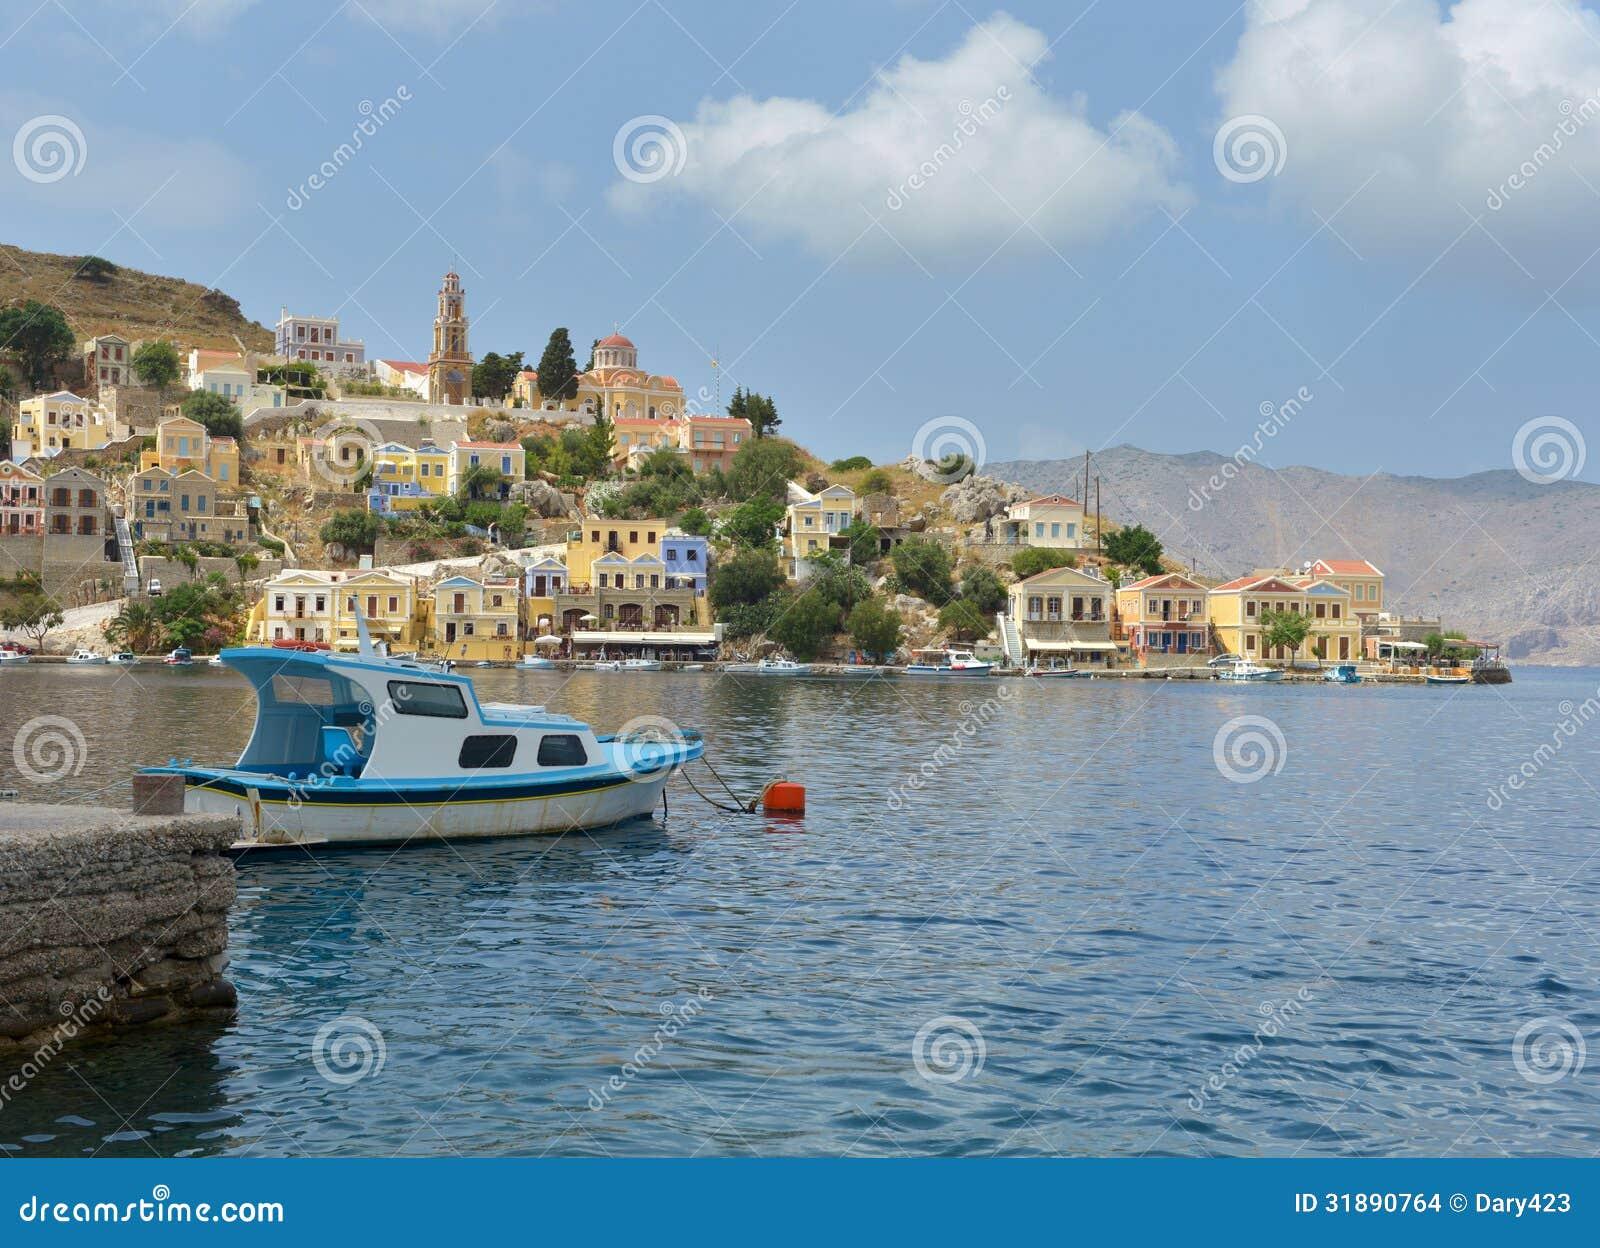 Île de Symi